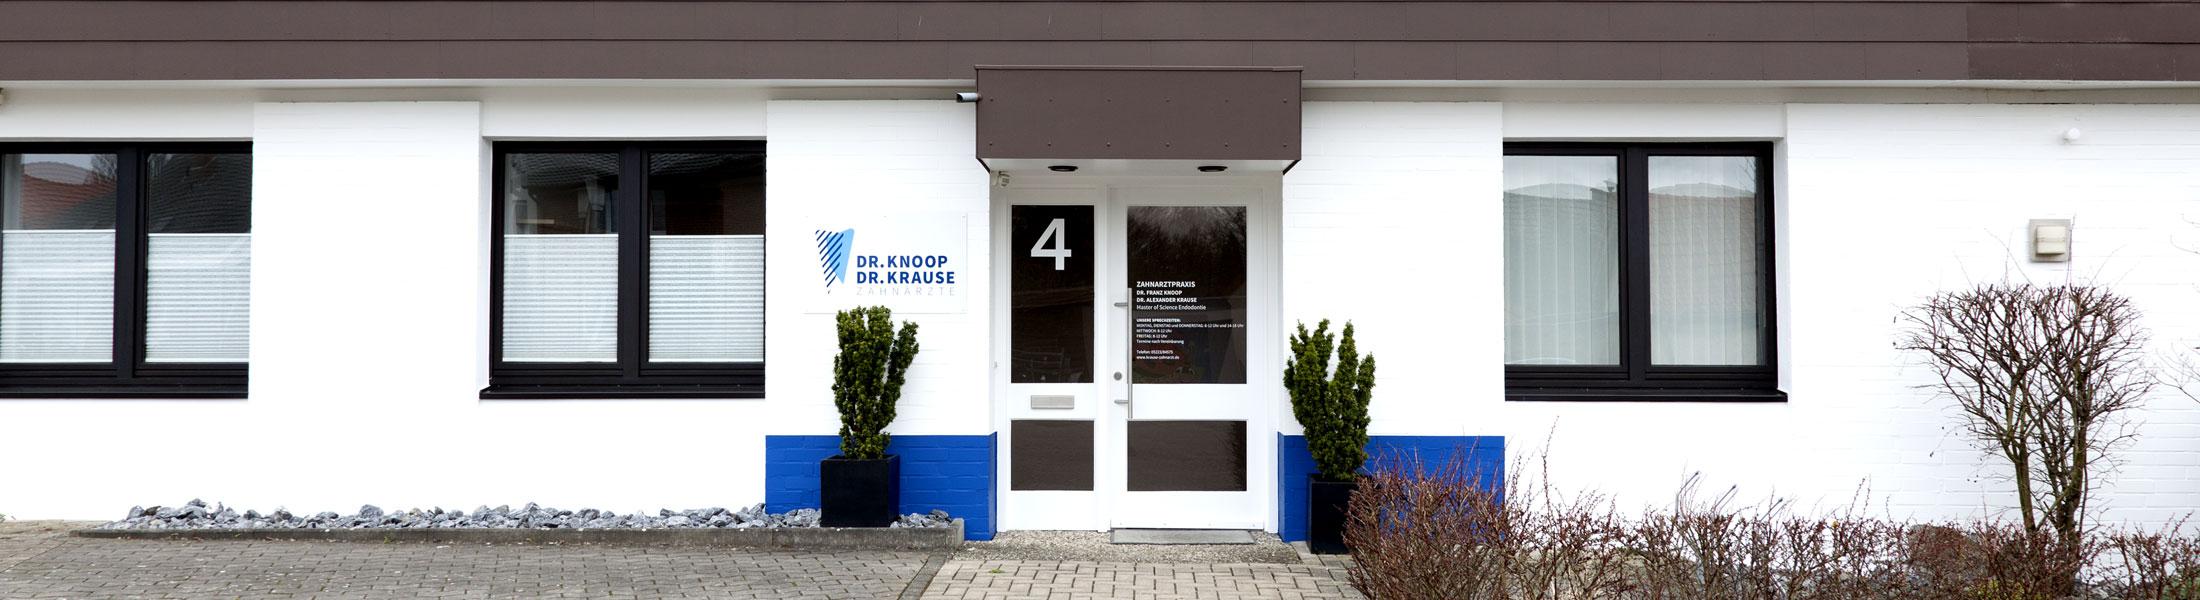 Zahnarzt Praxis Krause in Hiddenhausen